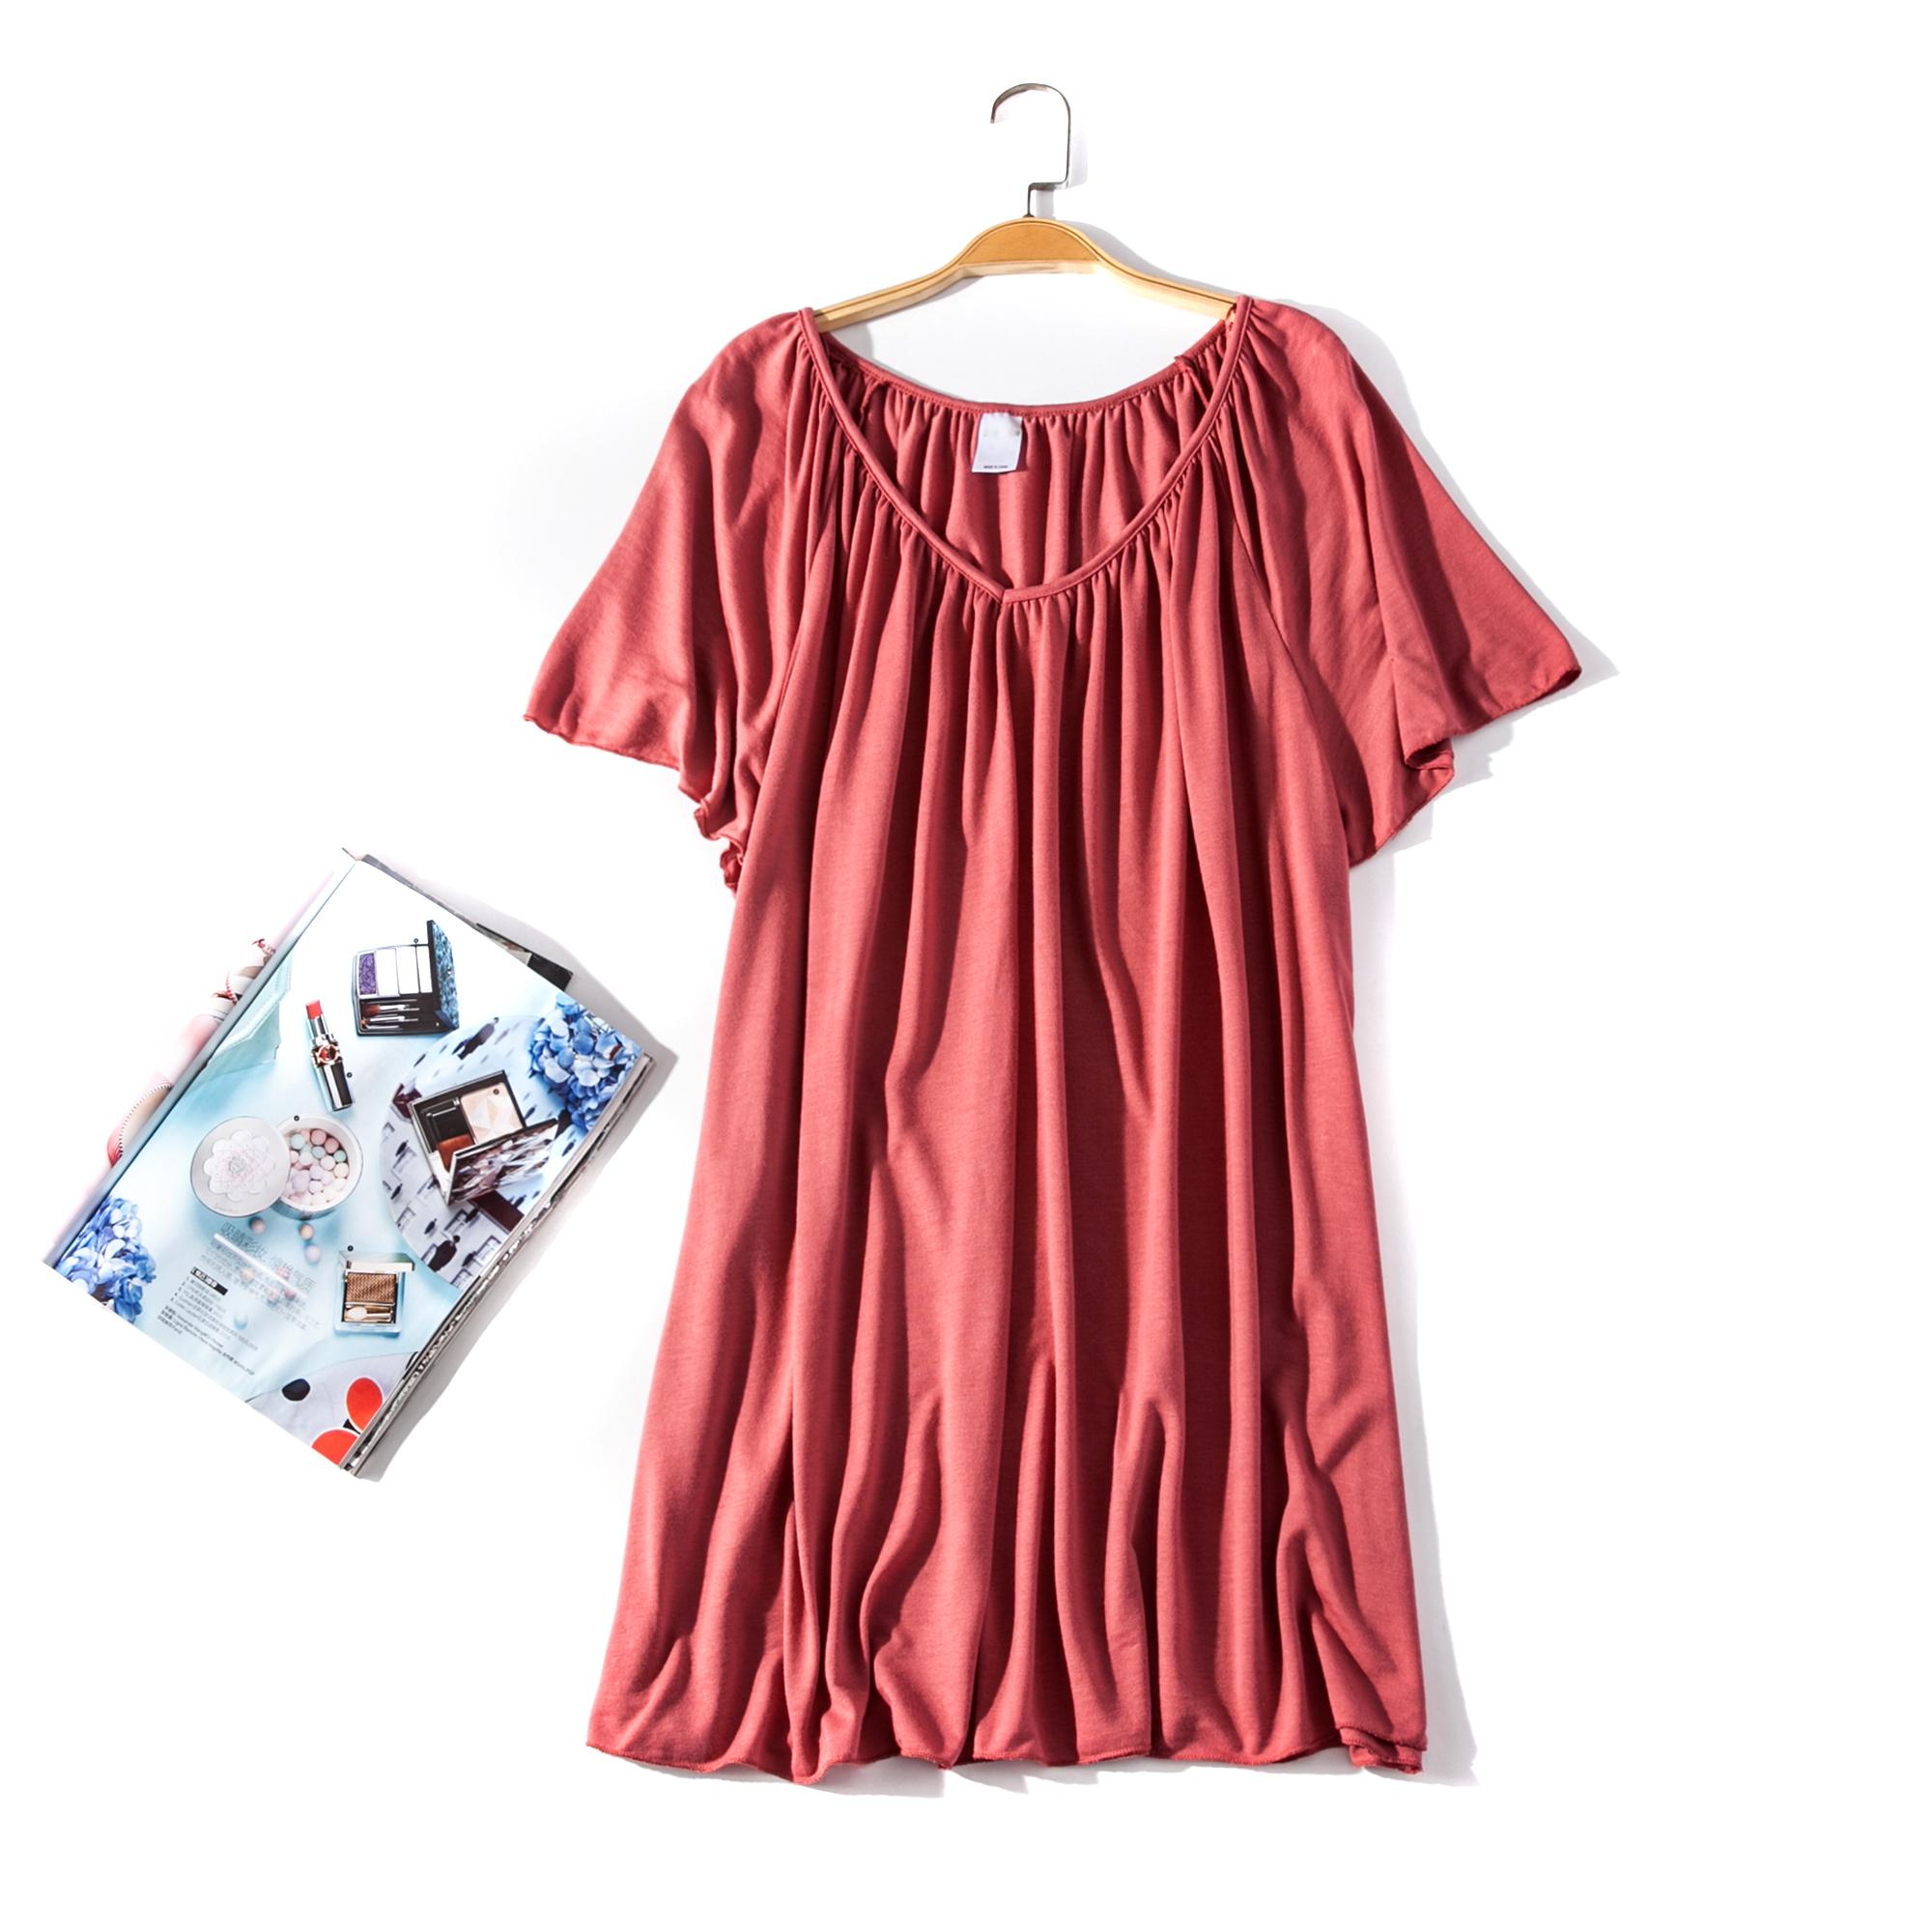 出口欧美单女装胸围124-150cm  V领插肩纯色大码胖MMT恤女L338C